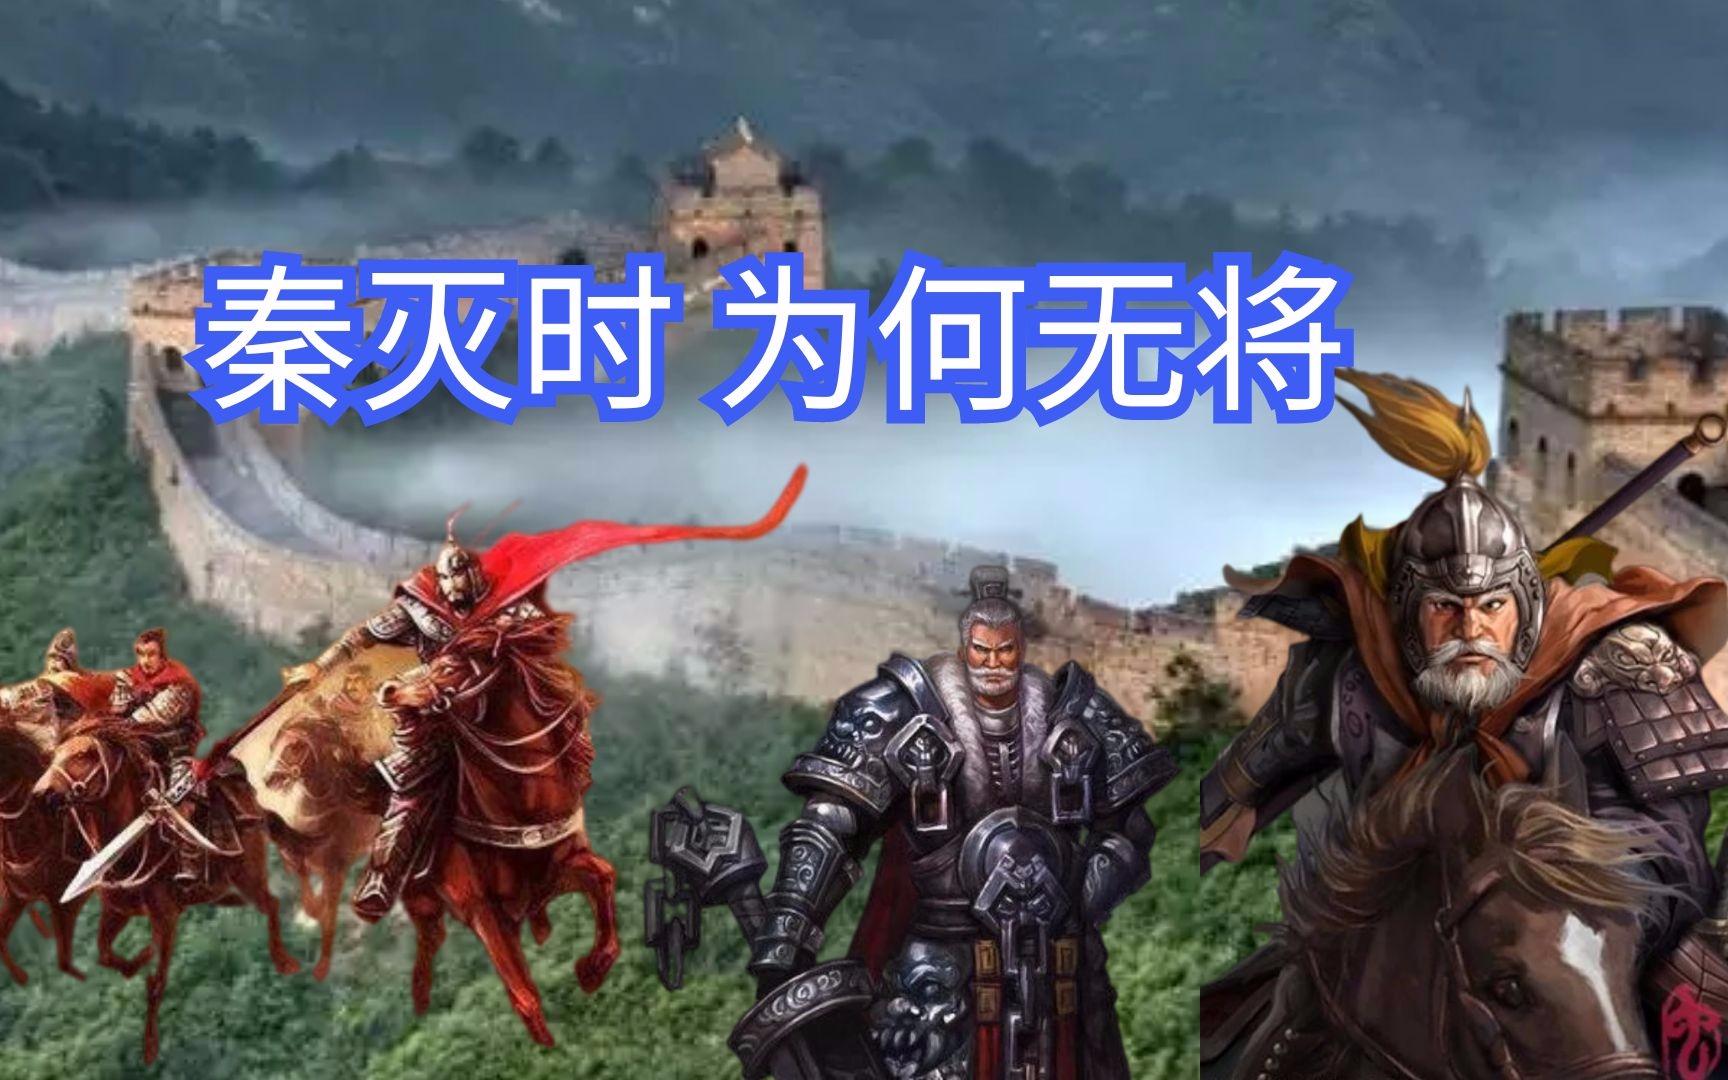 刘邦、项羽灭秦时,秦始皇灭六国的开国6名将,为何无一人迎战?